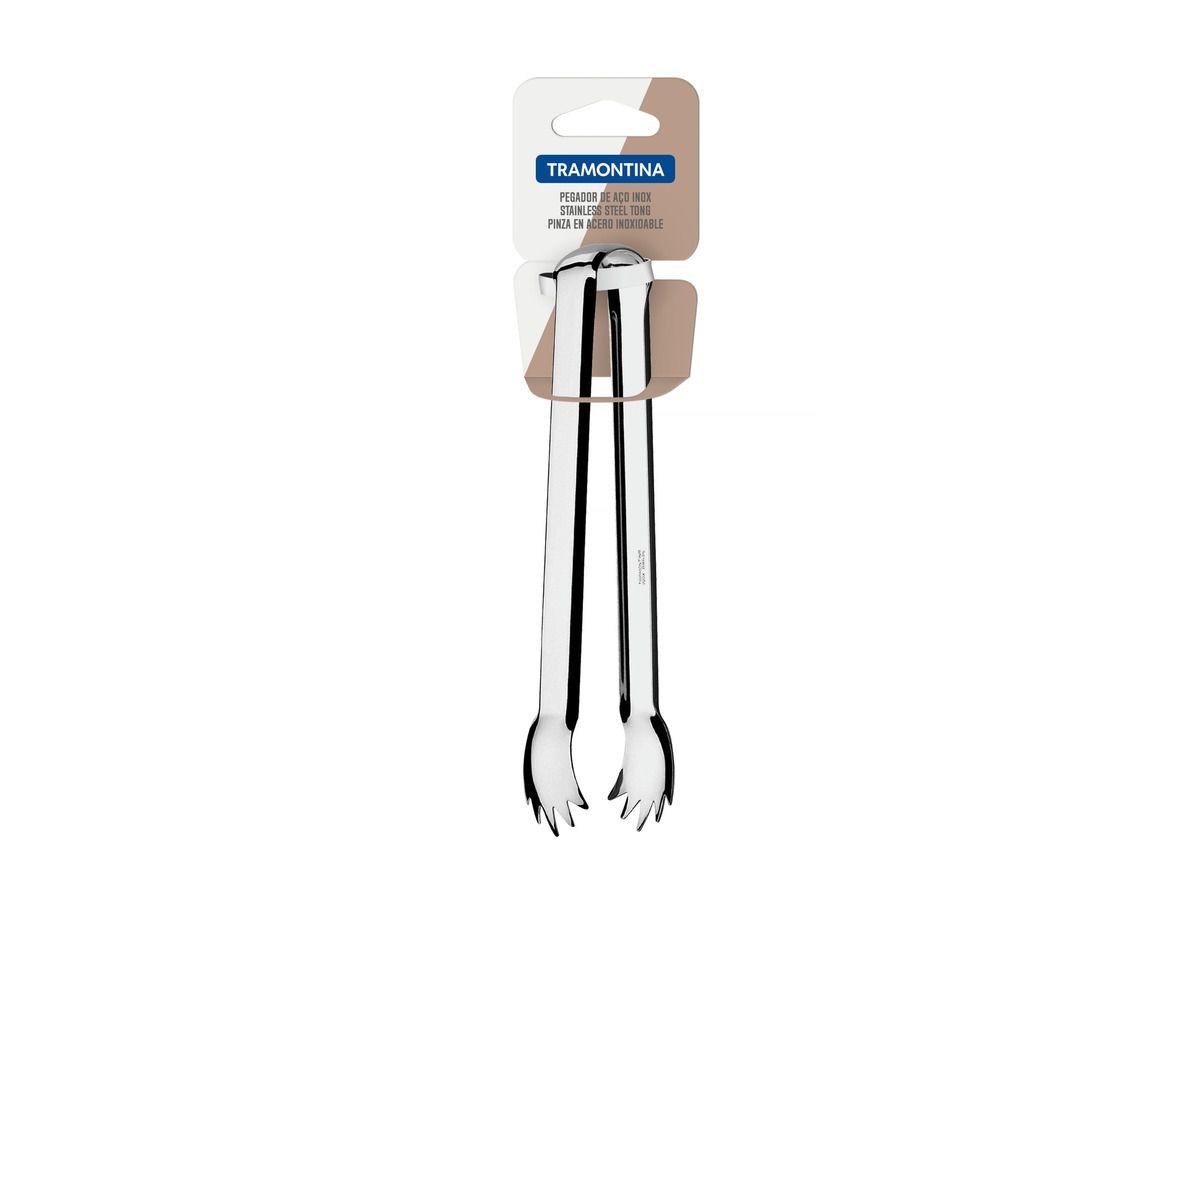 Pegador Multiúso Tramontina Utility em Aço Inox com Pontas 63800/645 | Lojas Estrela